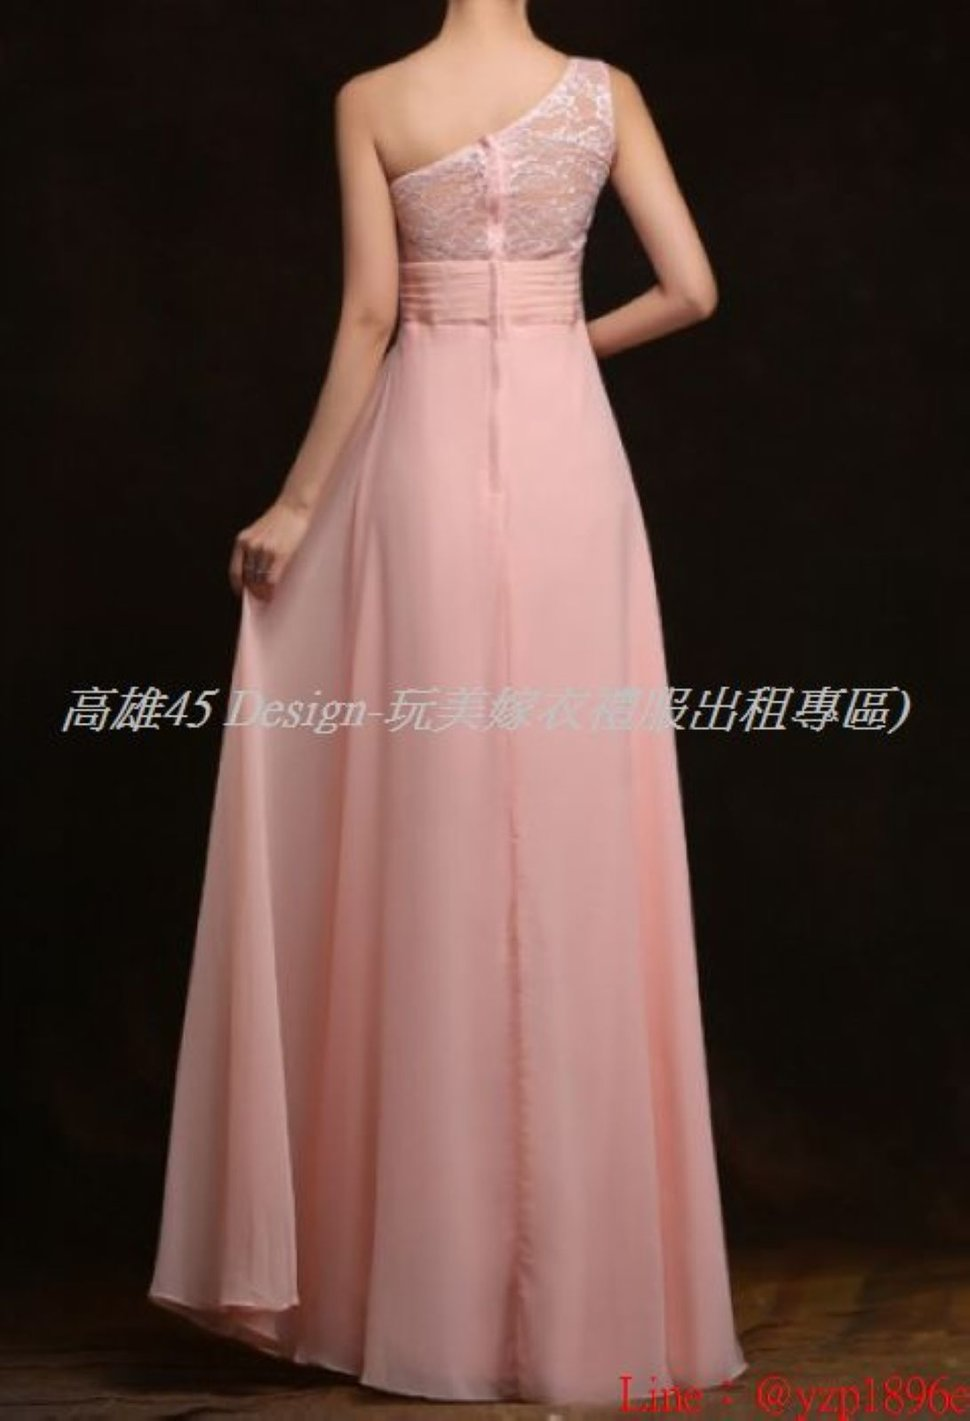 2018-03-24_124830 (2) - 全台最便宜-45DESIGN四五婚紗禮服《結婚吧》